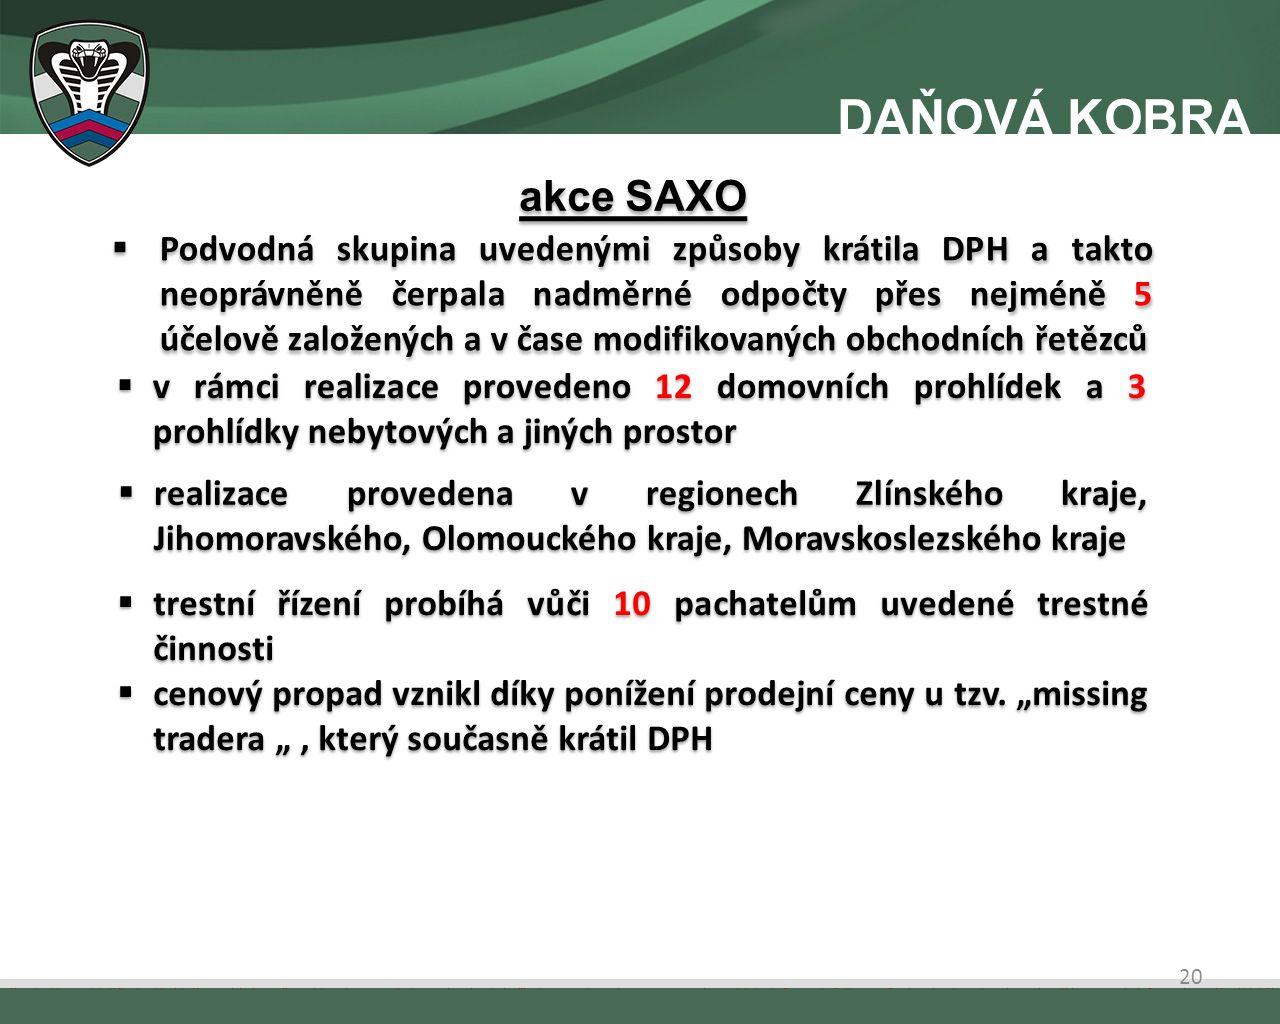  Podvodná skupina uvedenými způsoby krátila DPH a takto neoprávněně čerpala nadměrné odpočty přes nejméně 5 účelově založených a v čase modifikovaných obchodních řetězců  v rámci realizace provedeno 12 domovních prohlídek a 3 prohlídky nebytových a jiných prostor  realizace provedena v regionech Zlínského kraje, Jihomoravského, Olomouckého kraje, Moravskoslezského kraje  trestní řízení probíhá vůči 10 pachatelům uvedené trestné činnosti  cenový propad vznikl díky ponížení prodejní ceny u tzv.